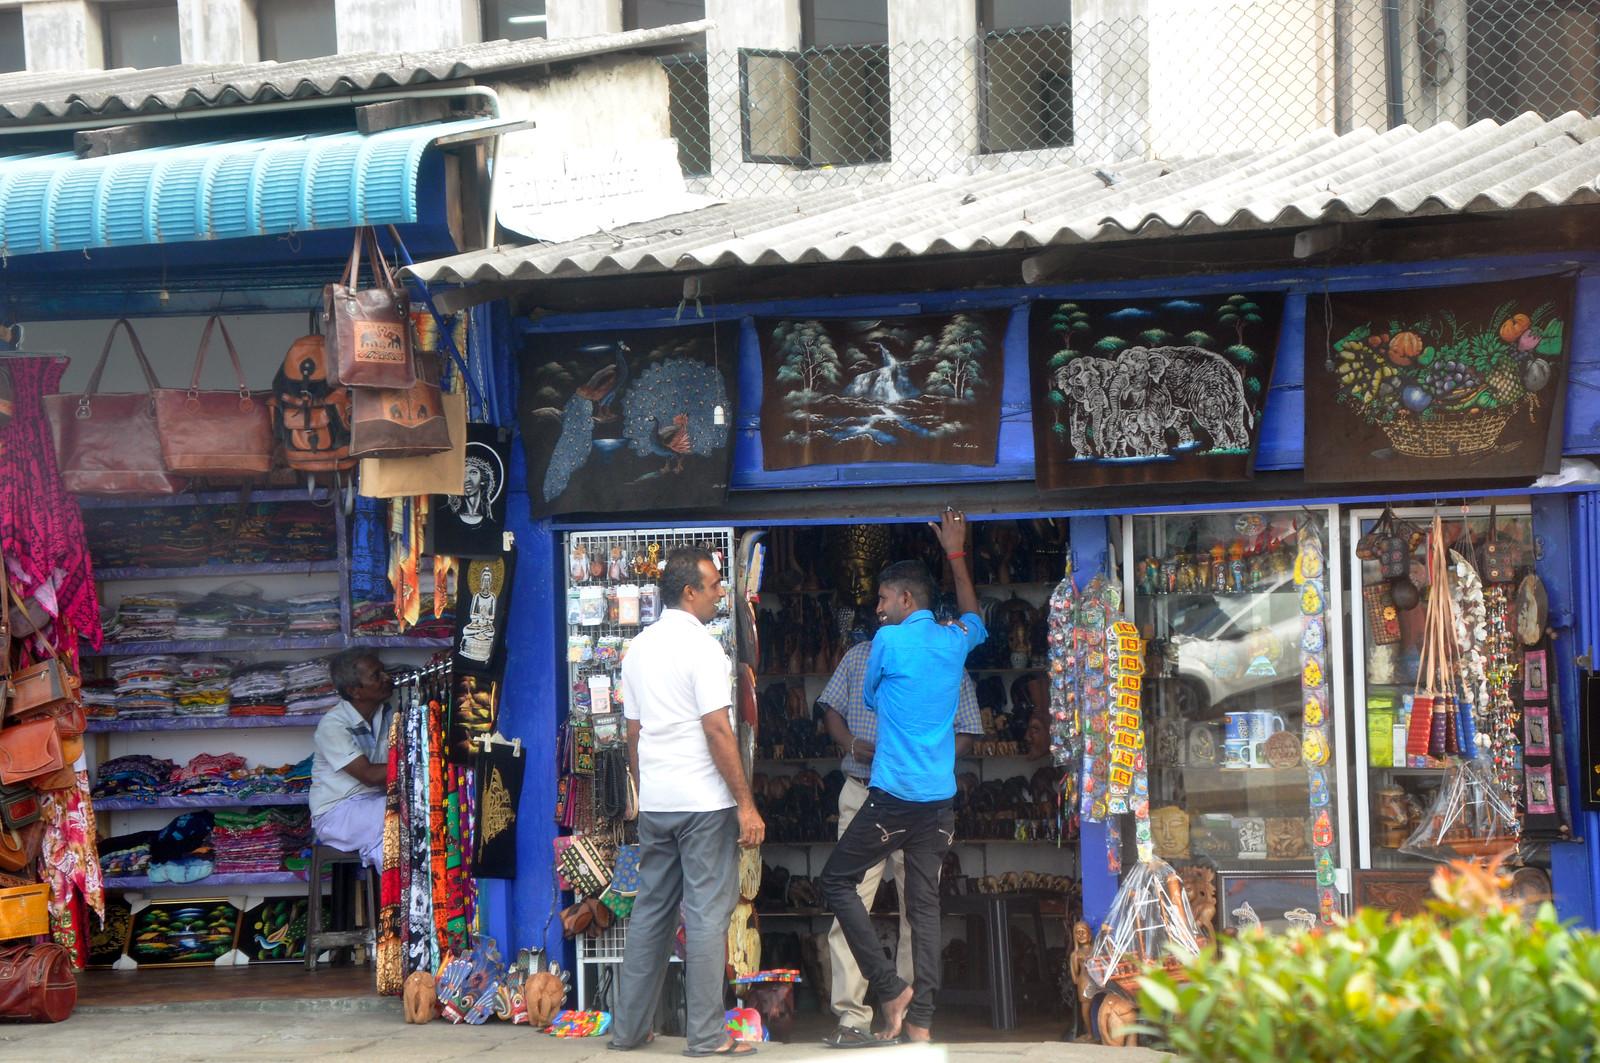 Qué ver en Colombo en un día, Sri Lanka qué ver en colombo en un día - 33165835998 464d8d31d3 h - Qué ver en Colombo en un día